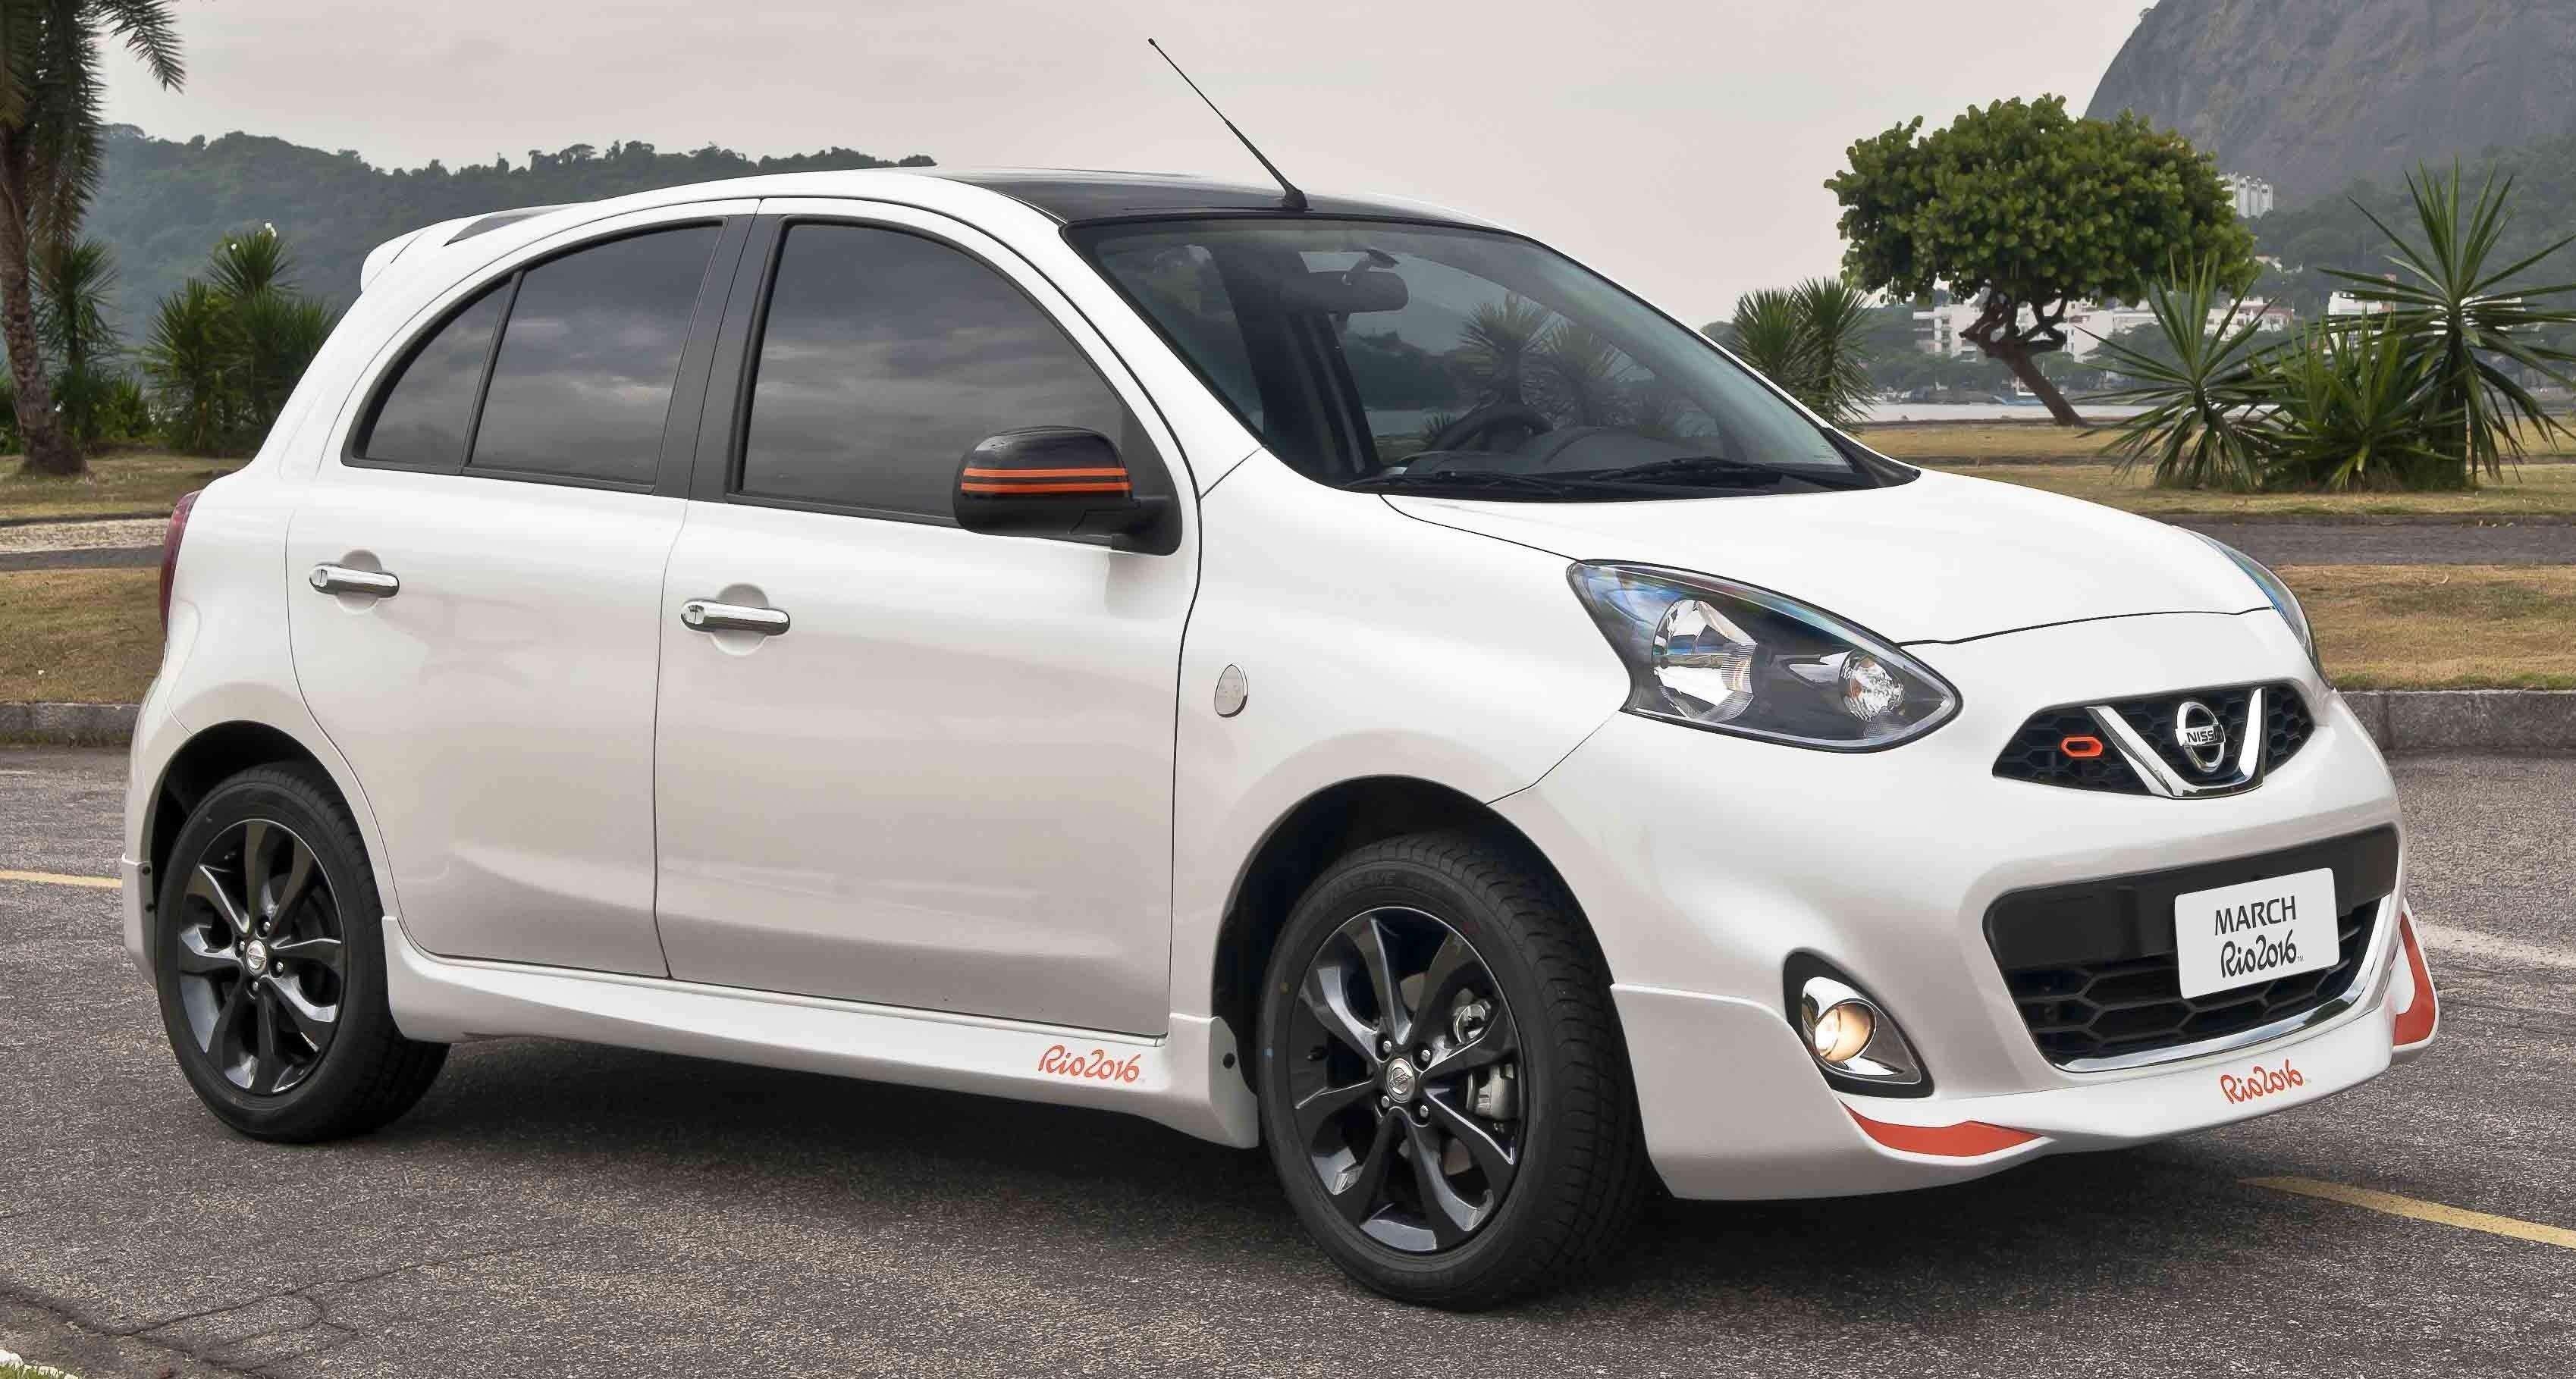 Japan Veículos: neste mês, promoções que irão surpreender mais uma vez